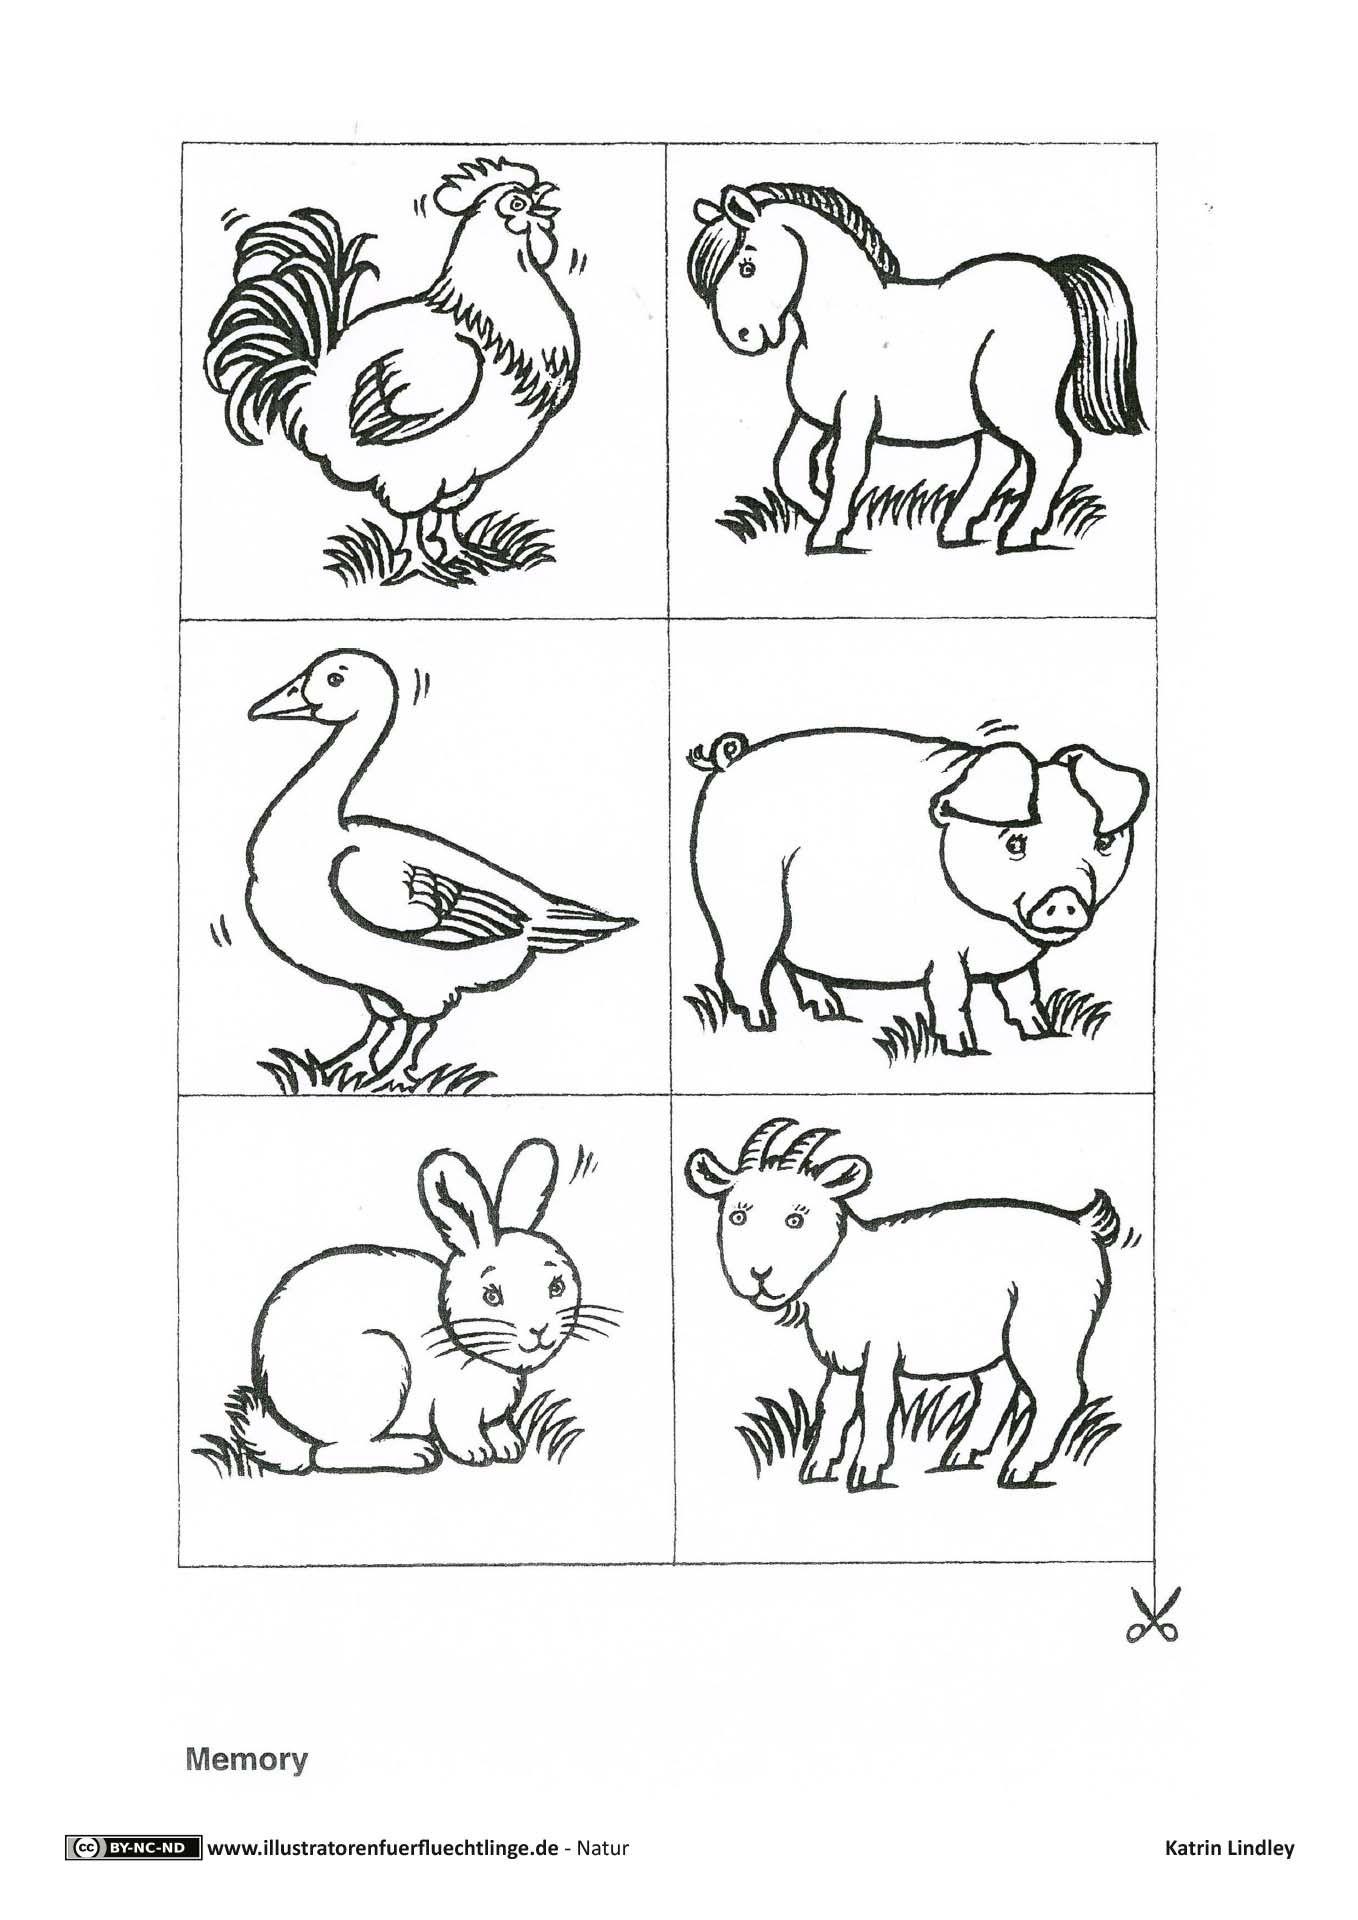 Bauernhof Memo Spiel Tiere (Mit Bildern) | Bauernhof Tiere bestimmt für Bauernhof Ausmalbilder